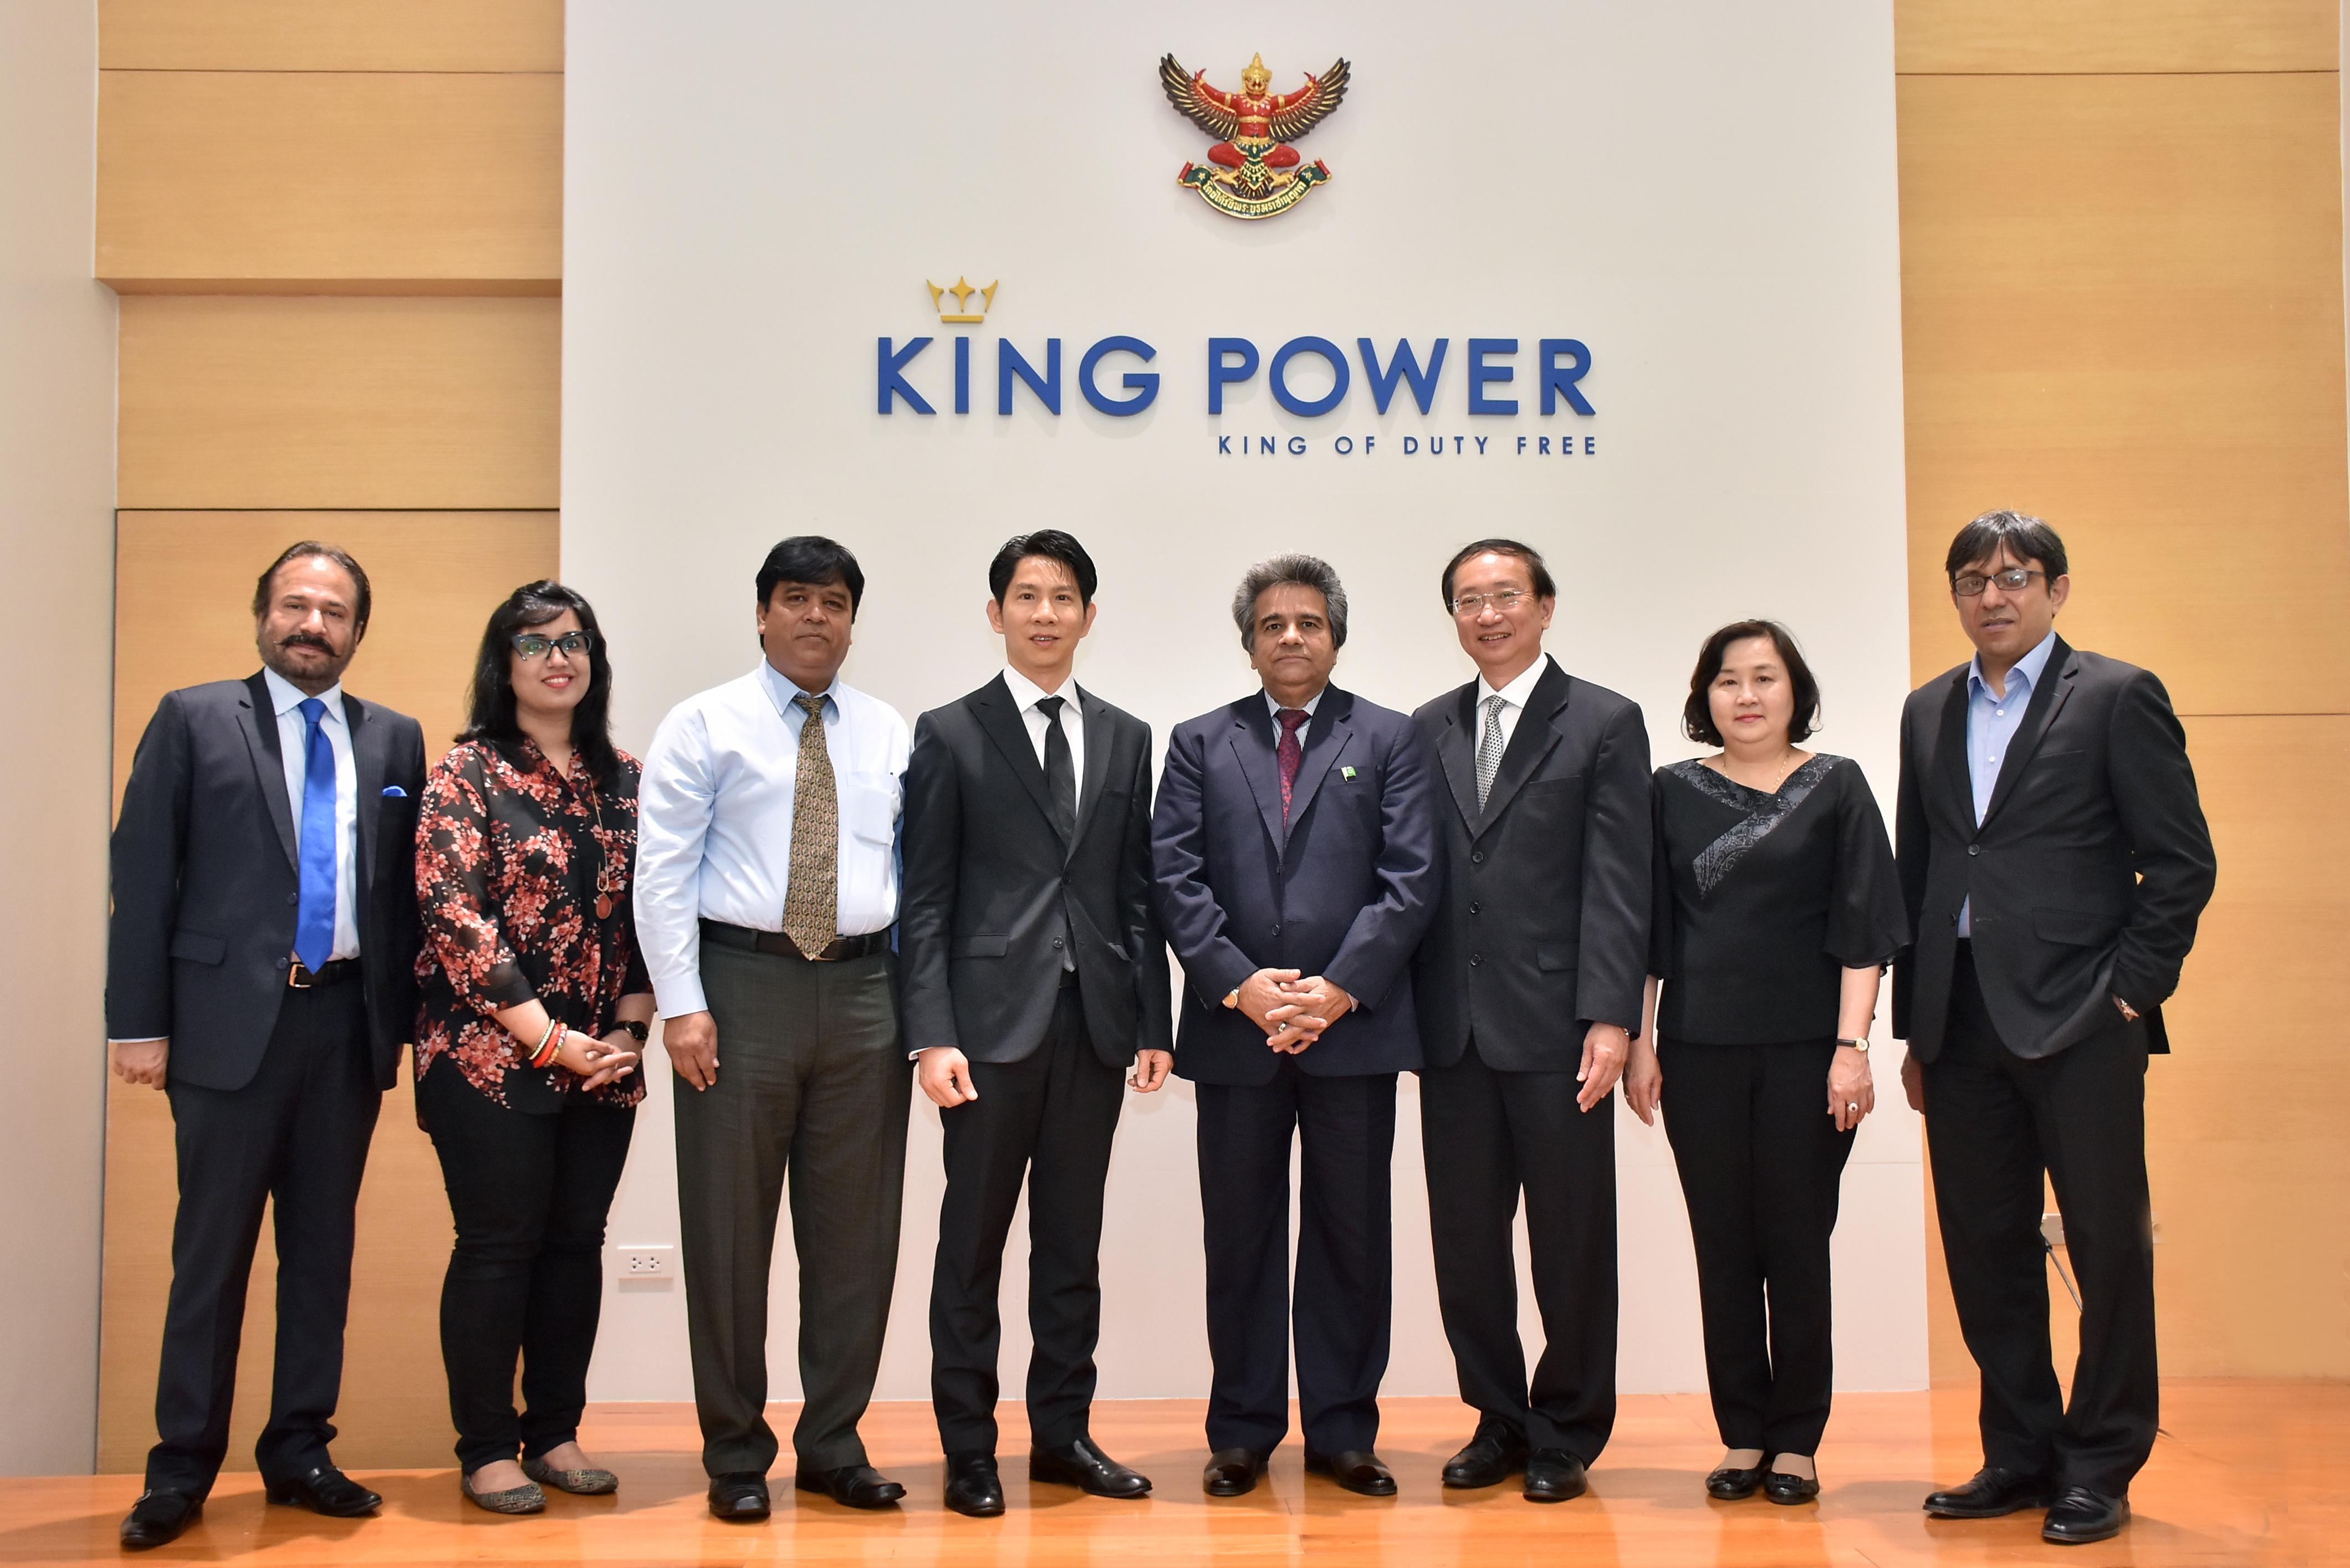 เอกอัครราชทูตไทยประจำปากีสถานนำคณะเยี่ยมชมกิจการคิง เพาเวอร์